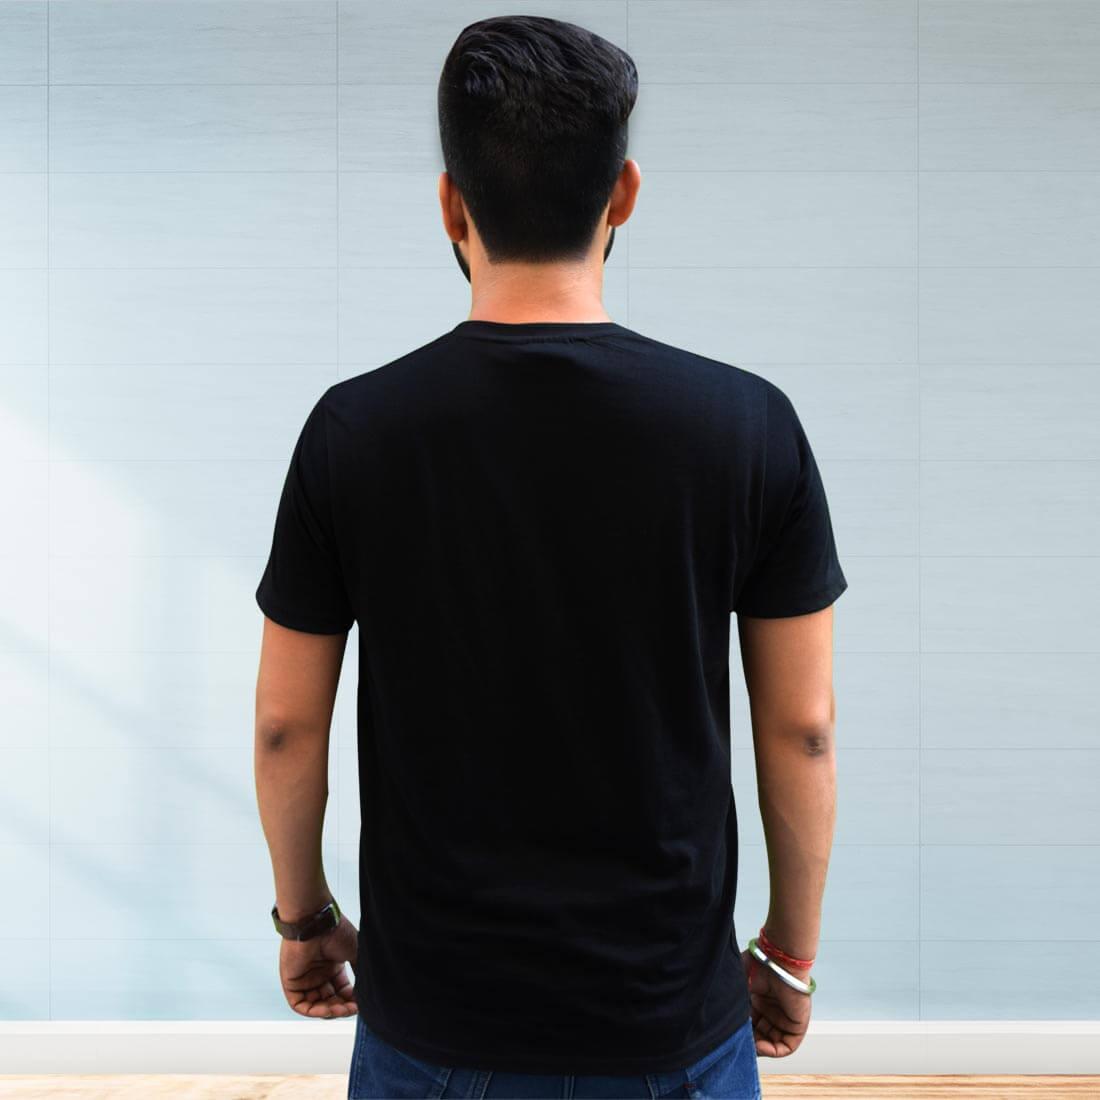 Hindu Raj Printed Black T Shirt Front and Back